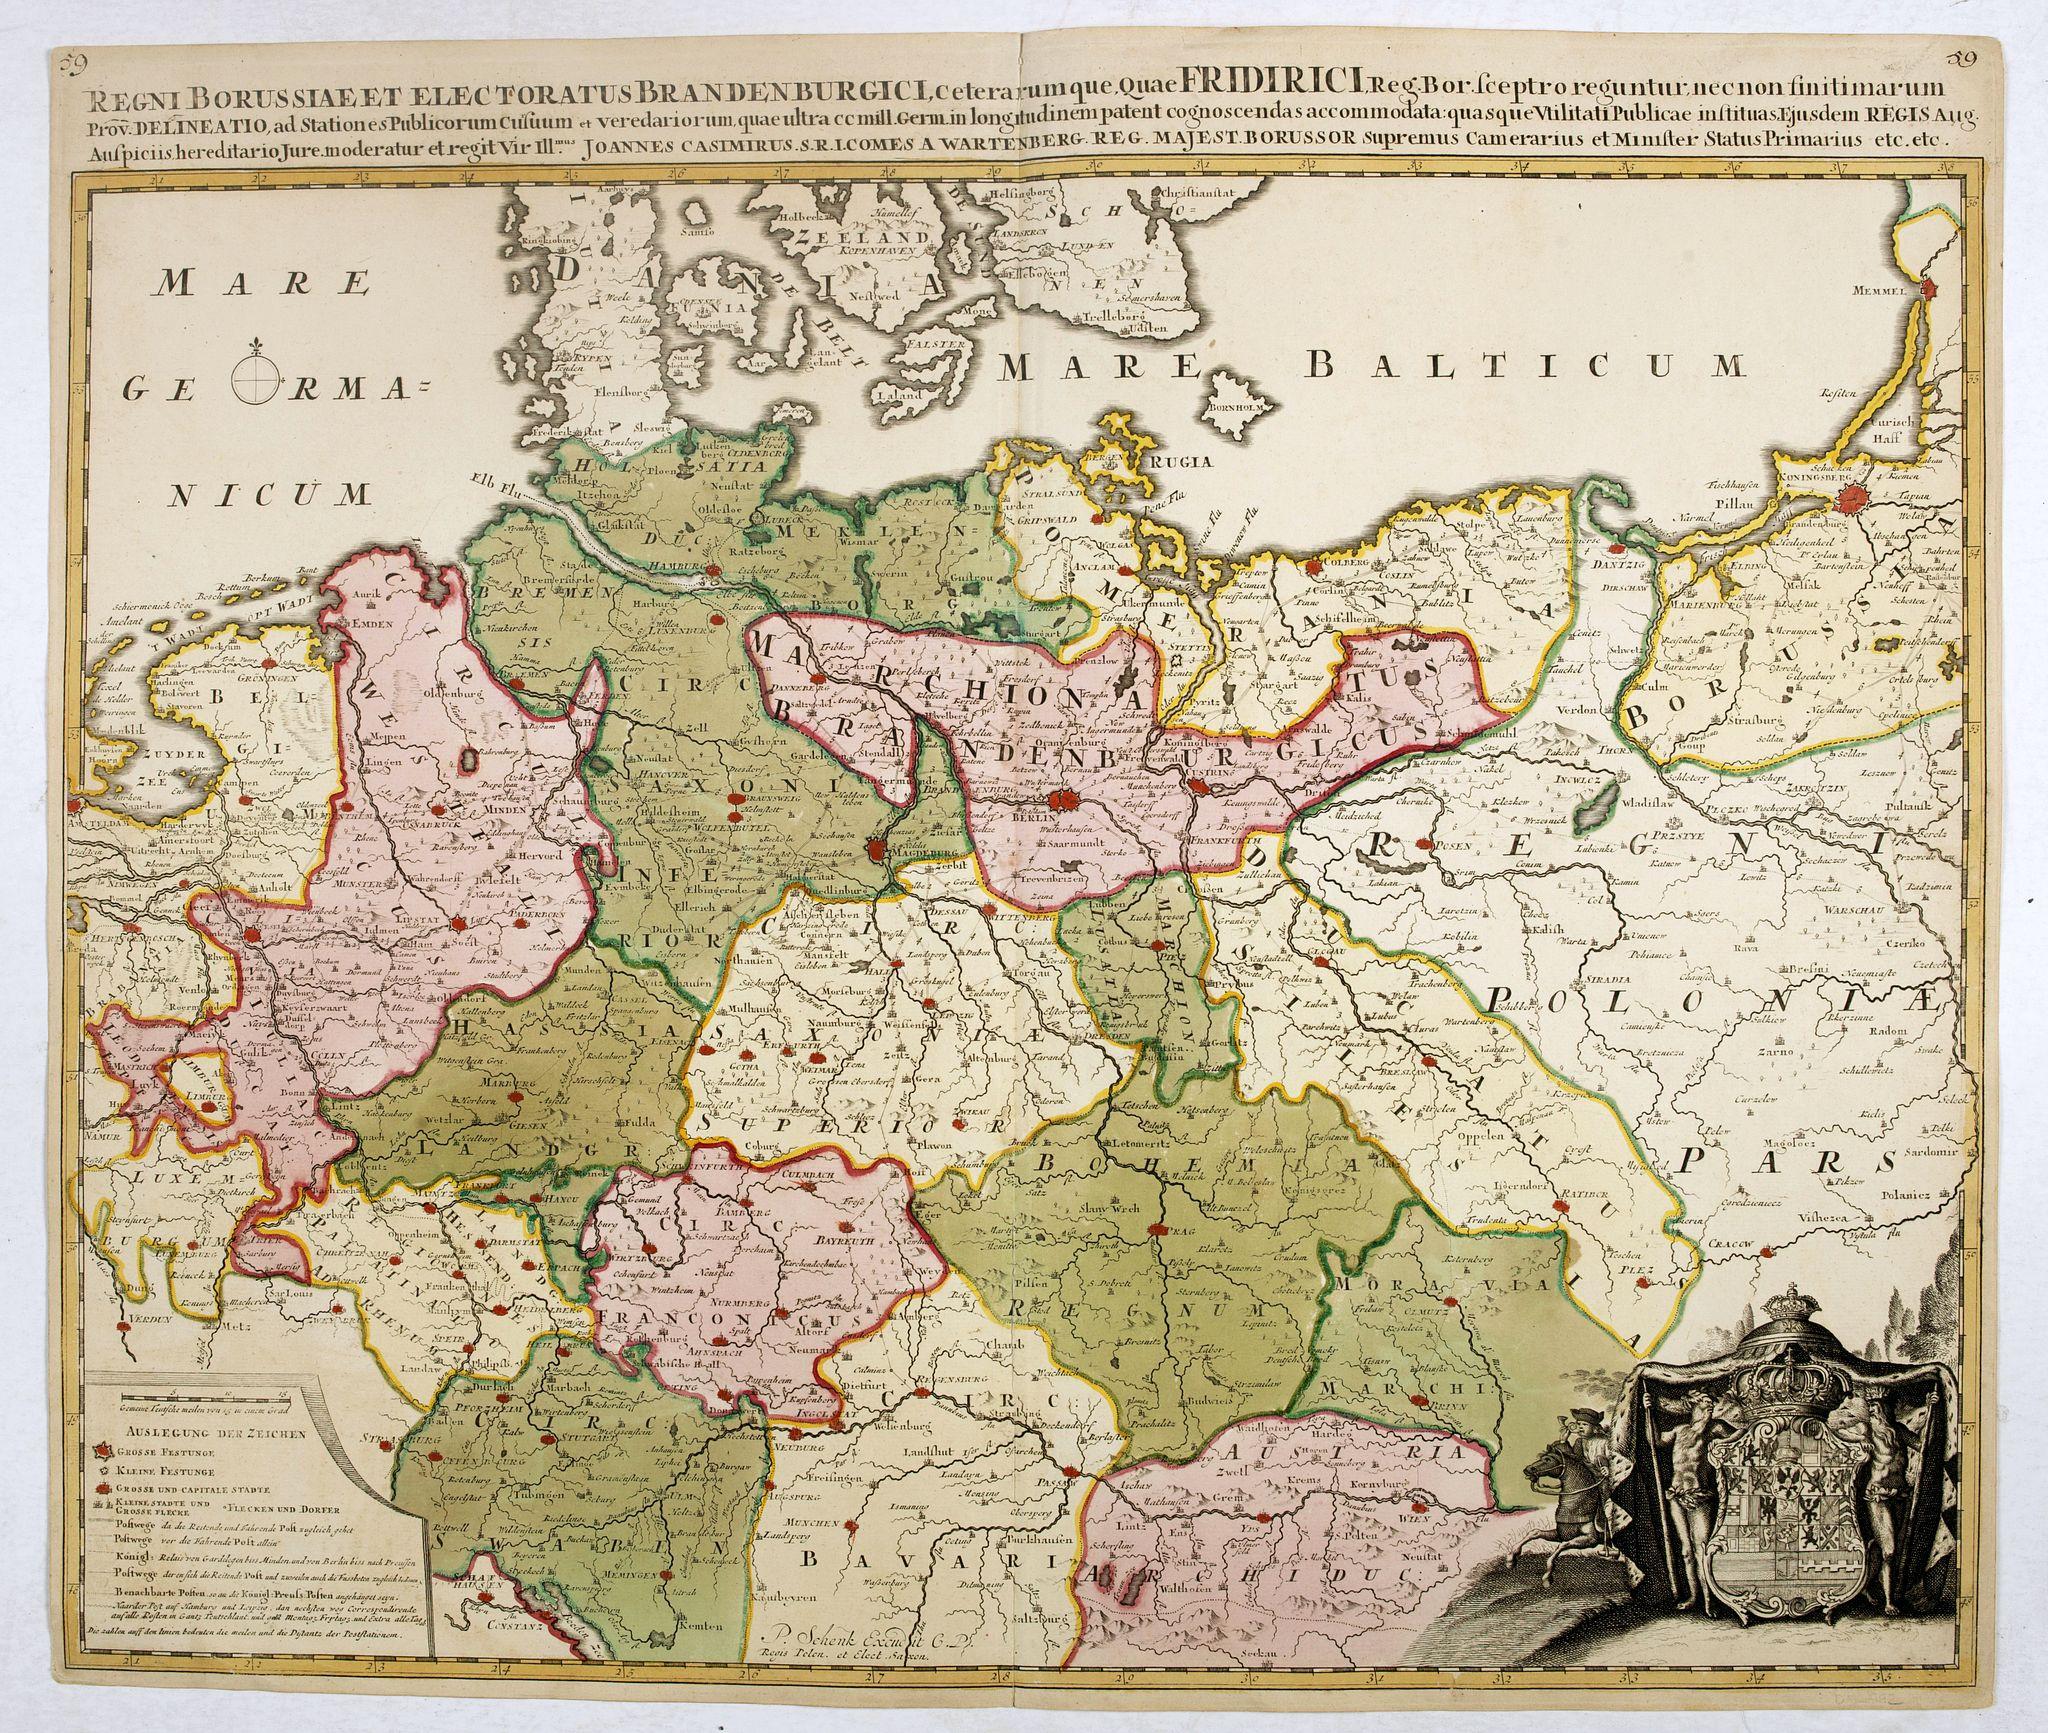 SCHENK, P. -  Regni Borussiae et Electoratus Brandenburgici, Ceterarum que, Quae Fridirici Reg. Bor. sceptro reguntur nec non finitimarum Prov. Delineatio. . .